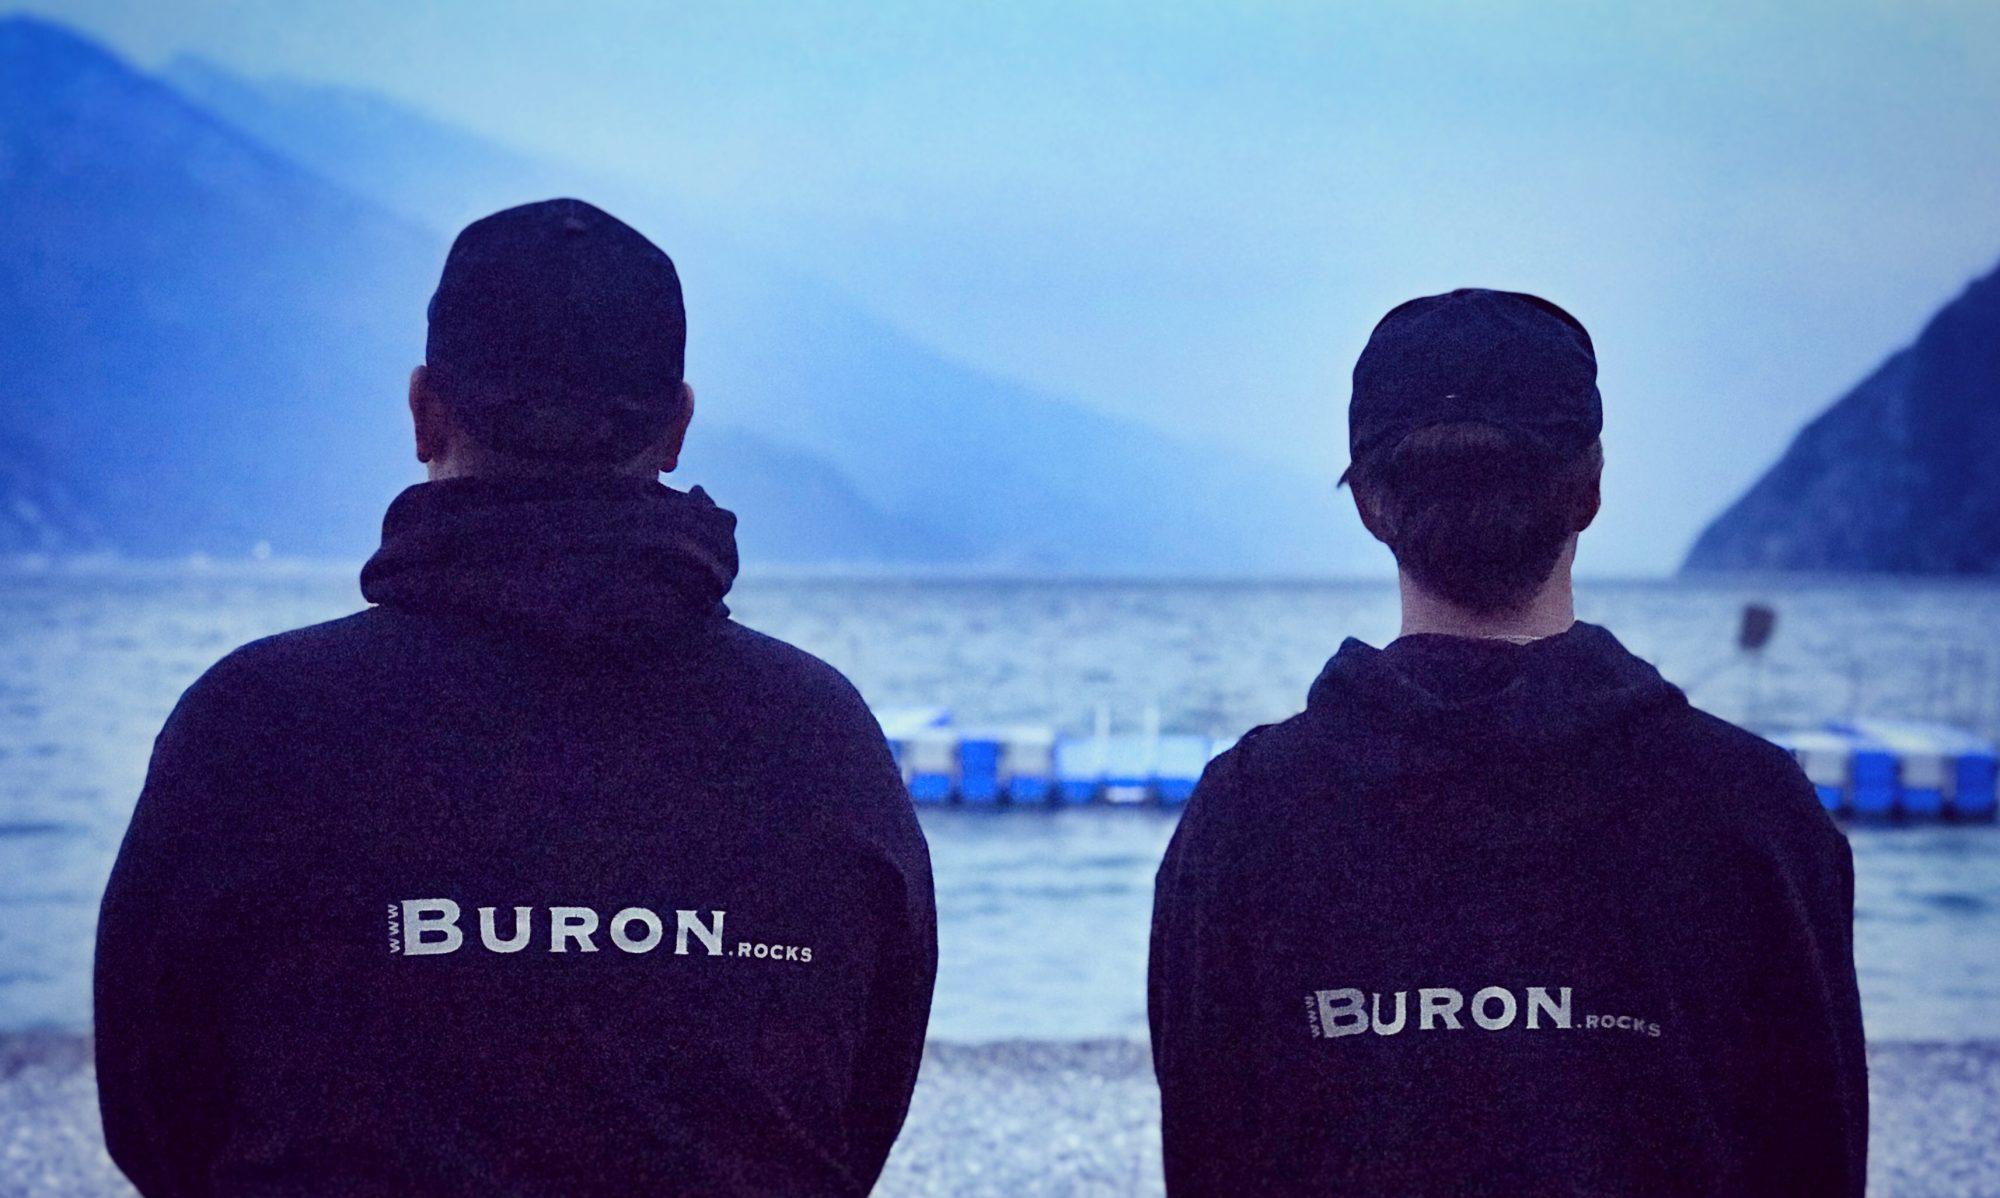 Buron